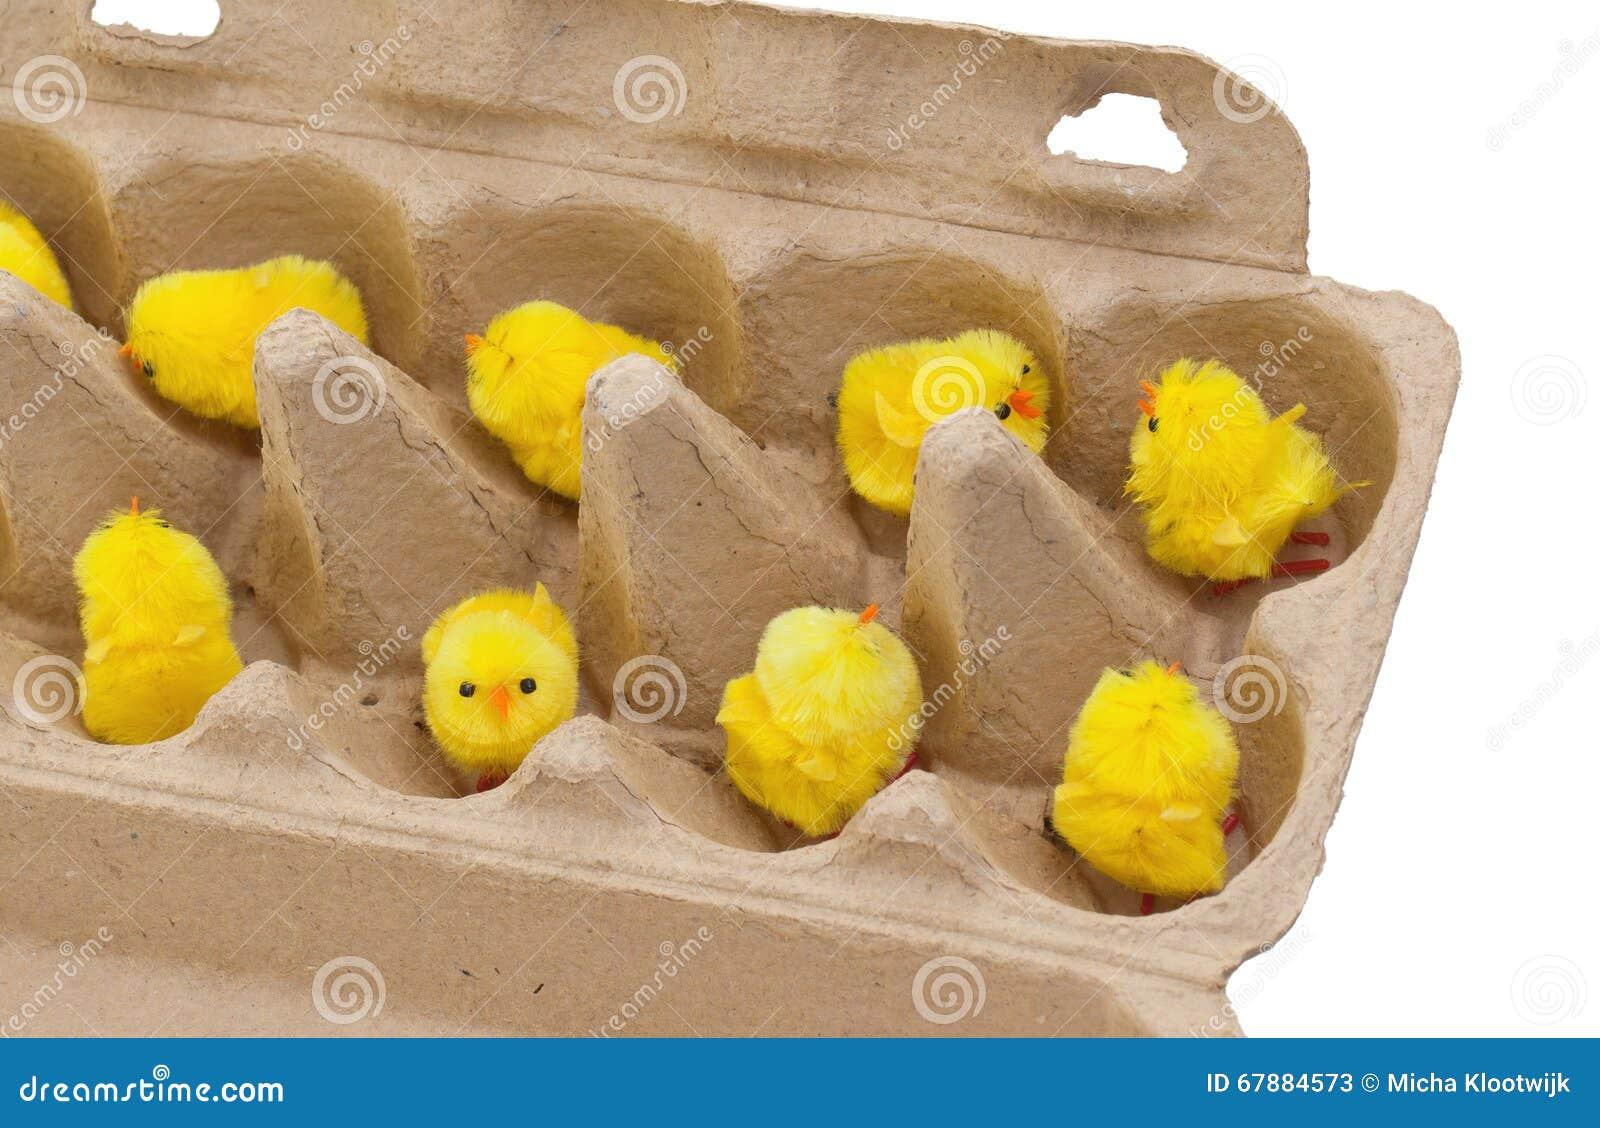 Pasen-kuikens in een eggbox